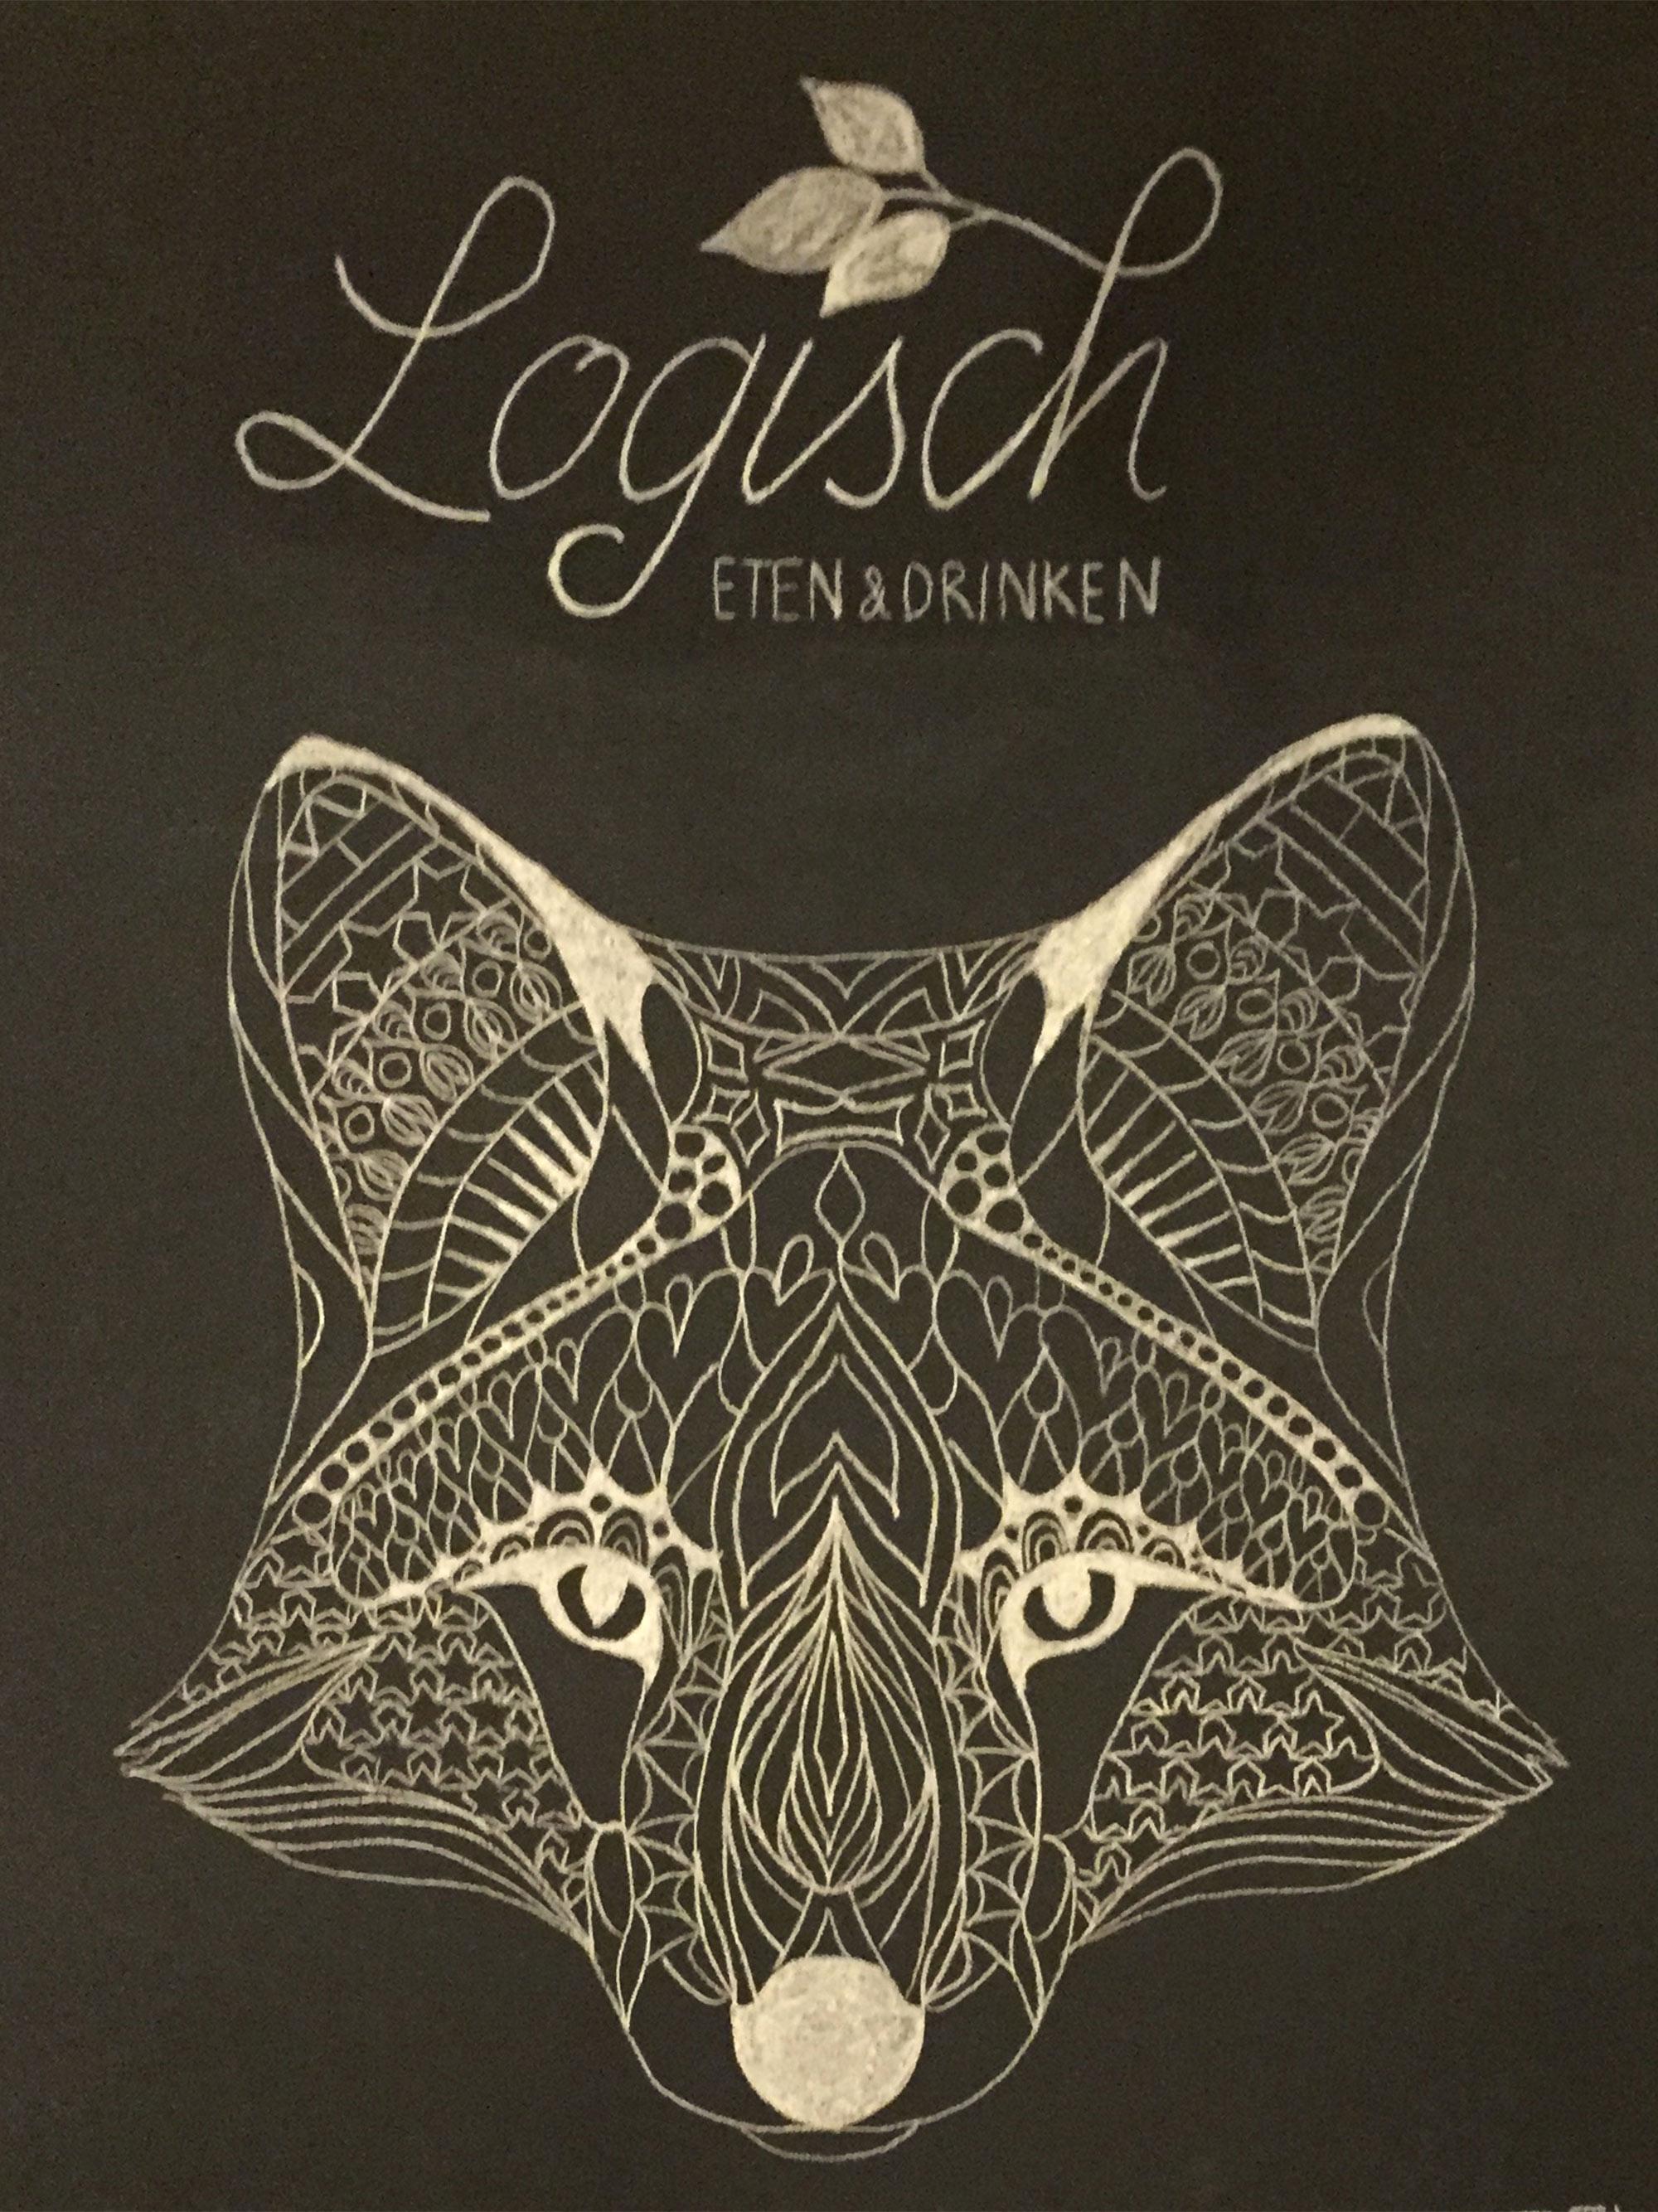 restaurant Logisch den haag krijttekening vos op muur